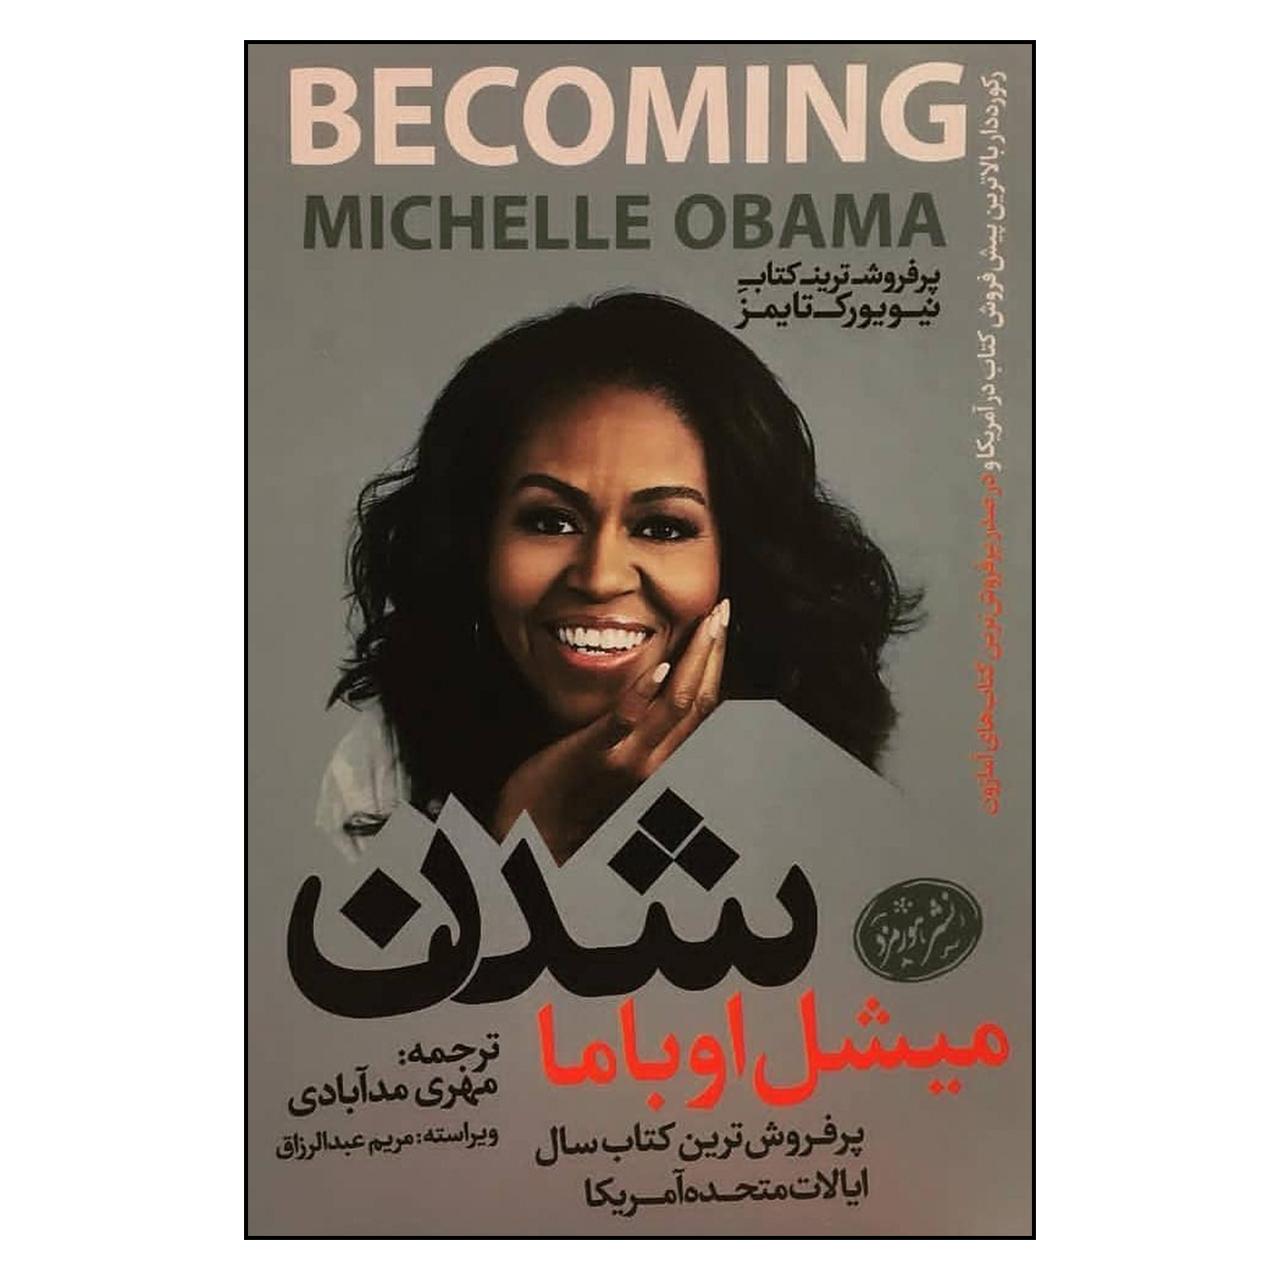 کتاب شدن اثر ميشل اوباما نشر هورمزد